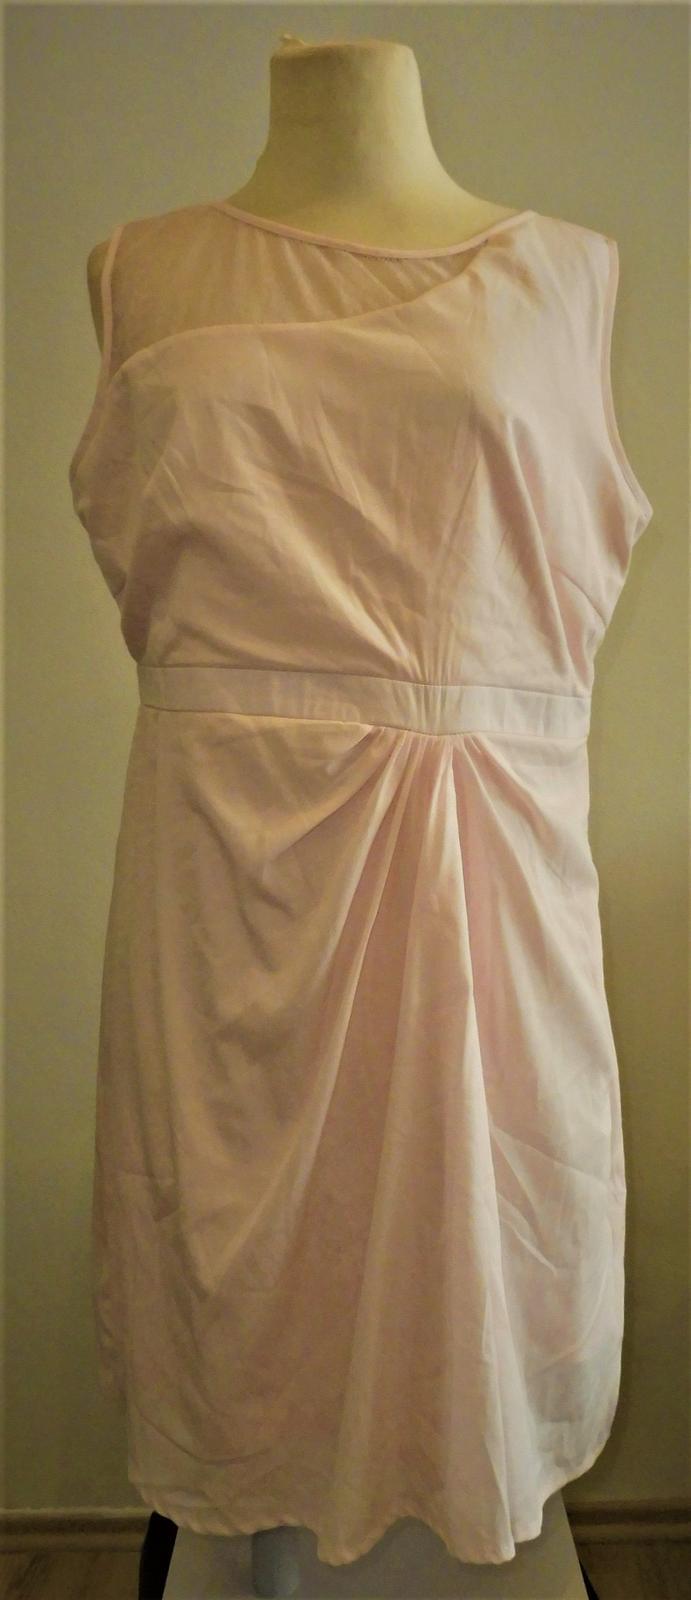 růžové šaty BPX vel.44 - Obrázek č. 1